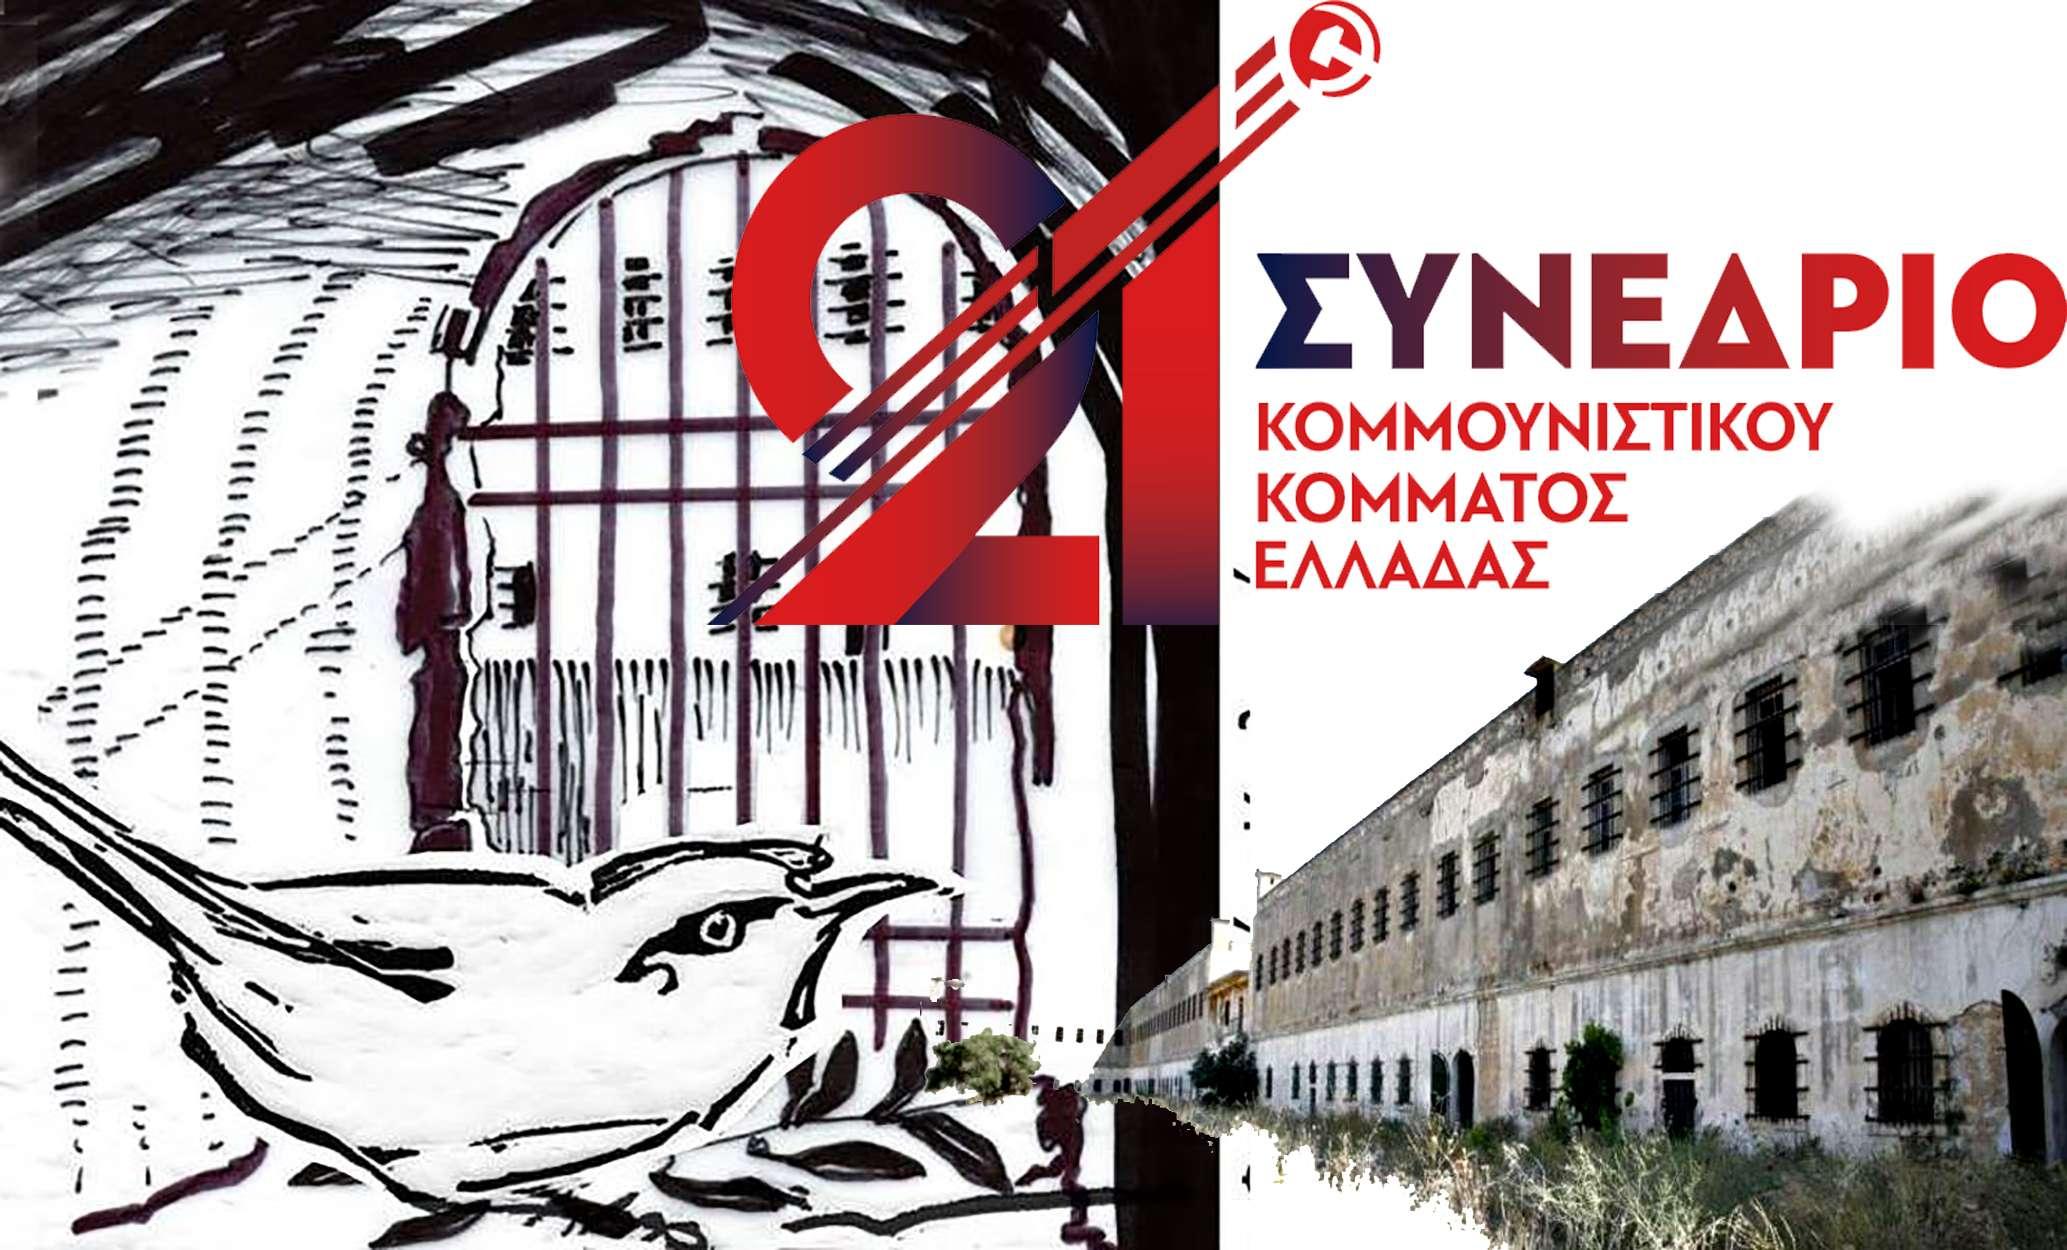 Χαιρετιστήριο μήνυμα προς το 21ο Συνέδριο του ΚΚΕ του Συλλόγου Ιτζεδίν απόγονοι πολιτικών κρατούμενων των Φυλακών Καλαμίου